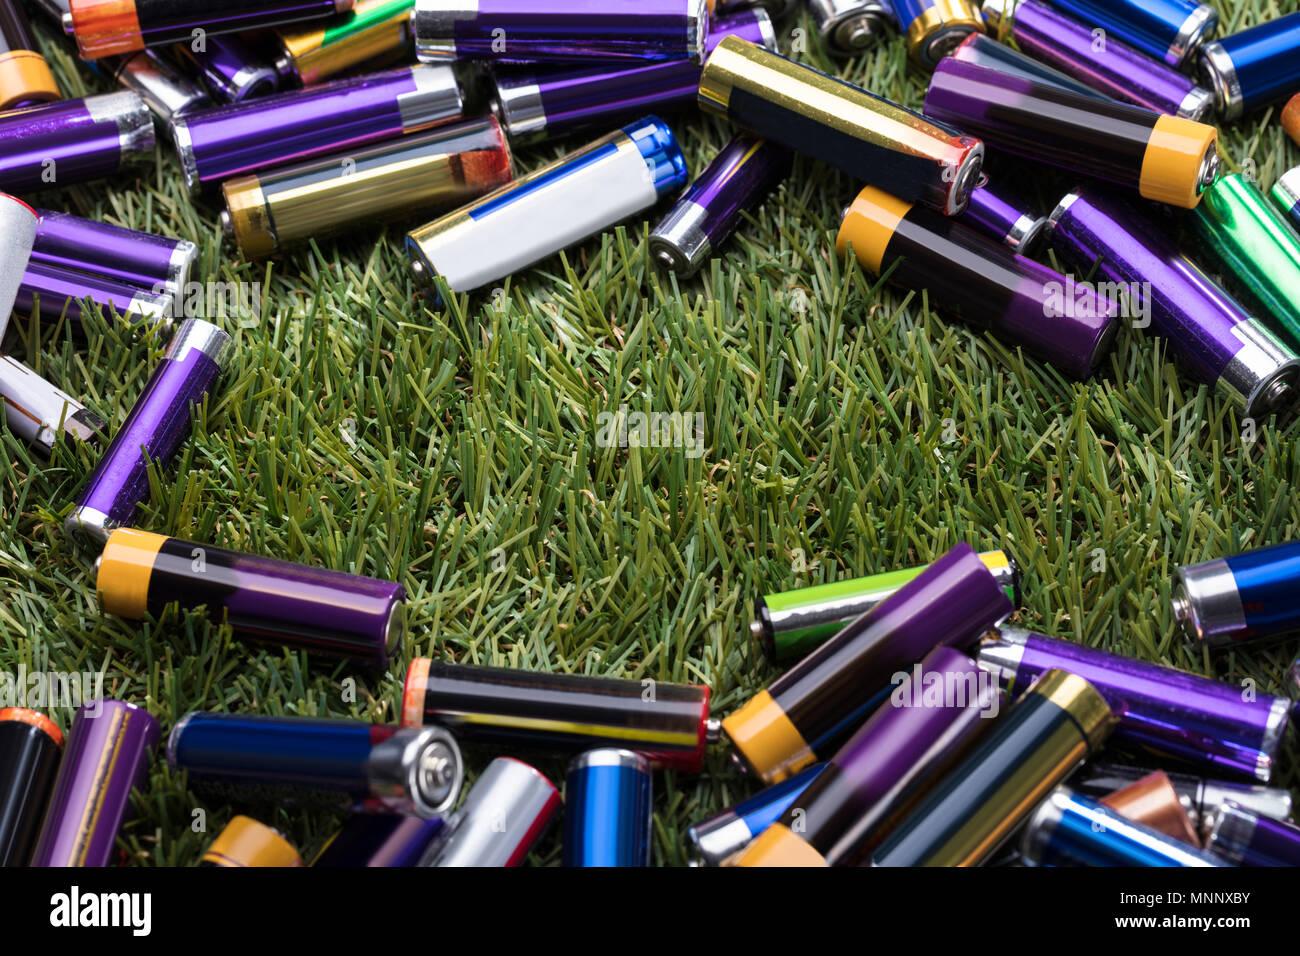 Portrait de piles sur l'herbe verte Photo Stock